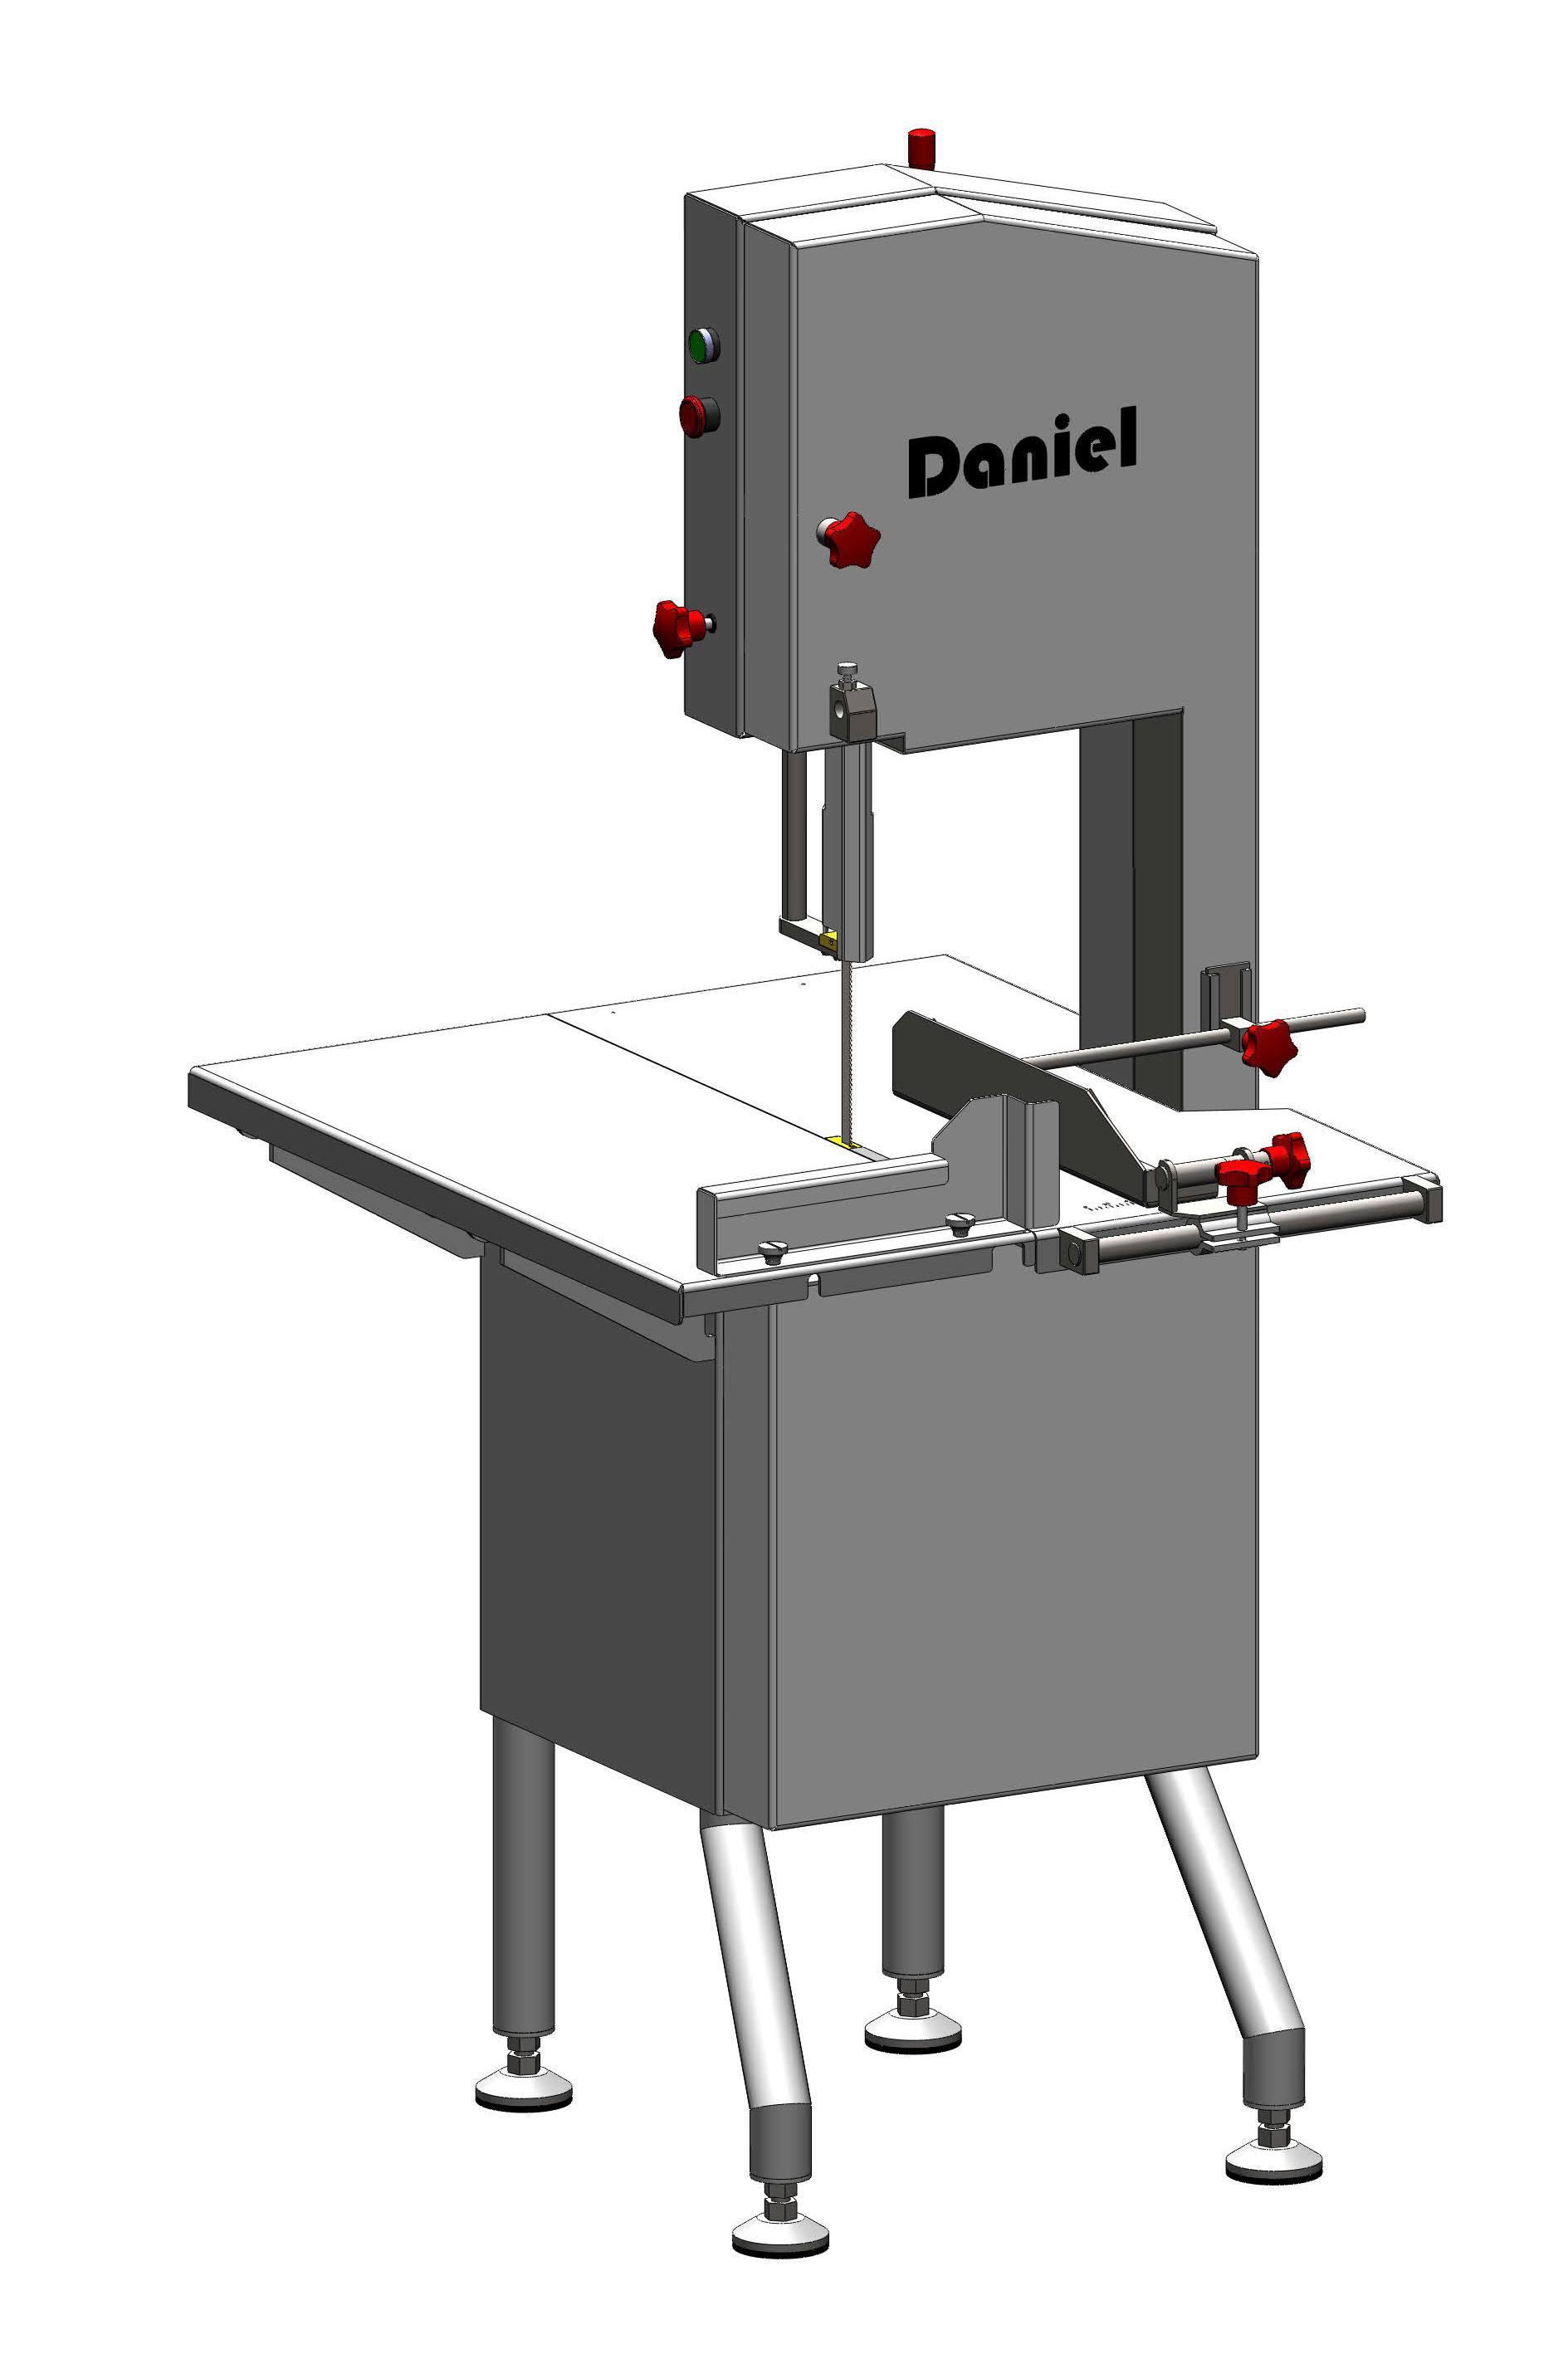 质量好食品切割机供应商-丹牛(北京)机械科技有限公司